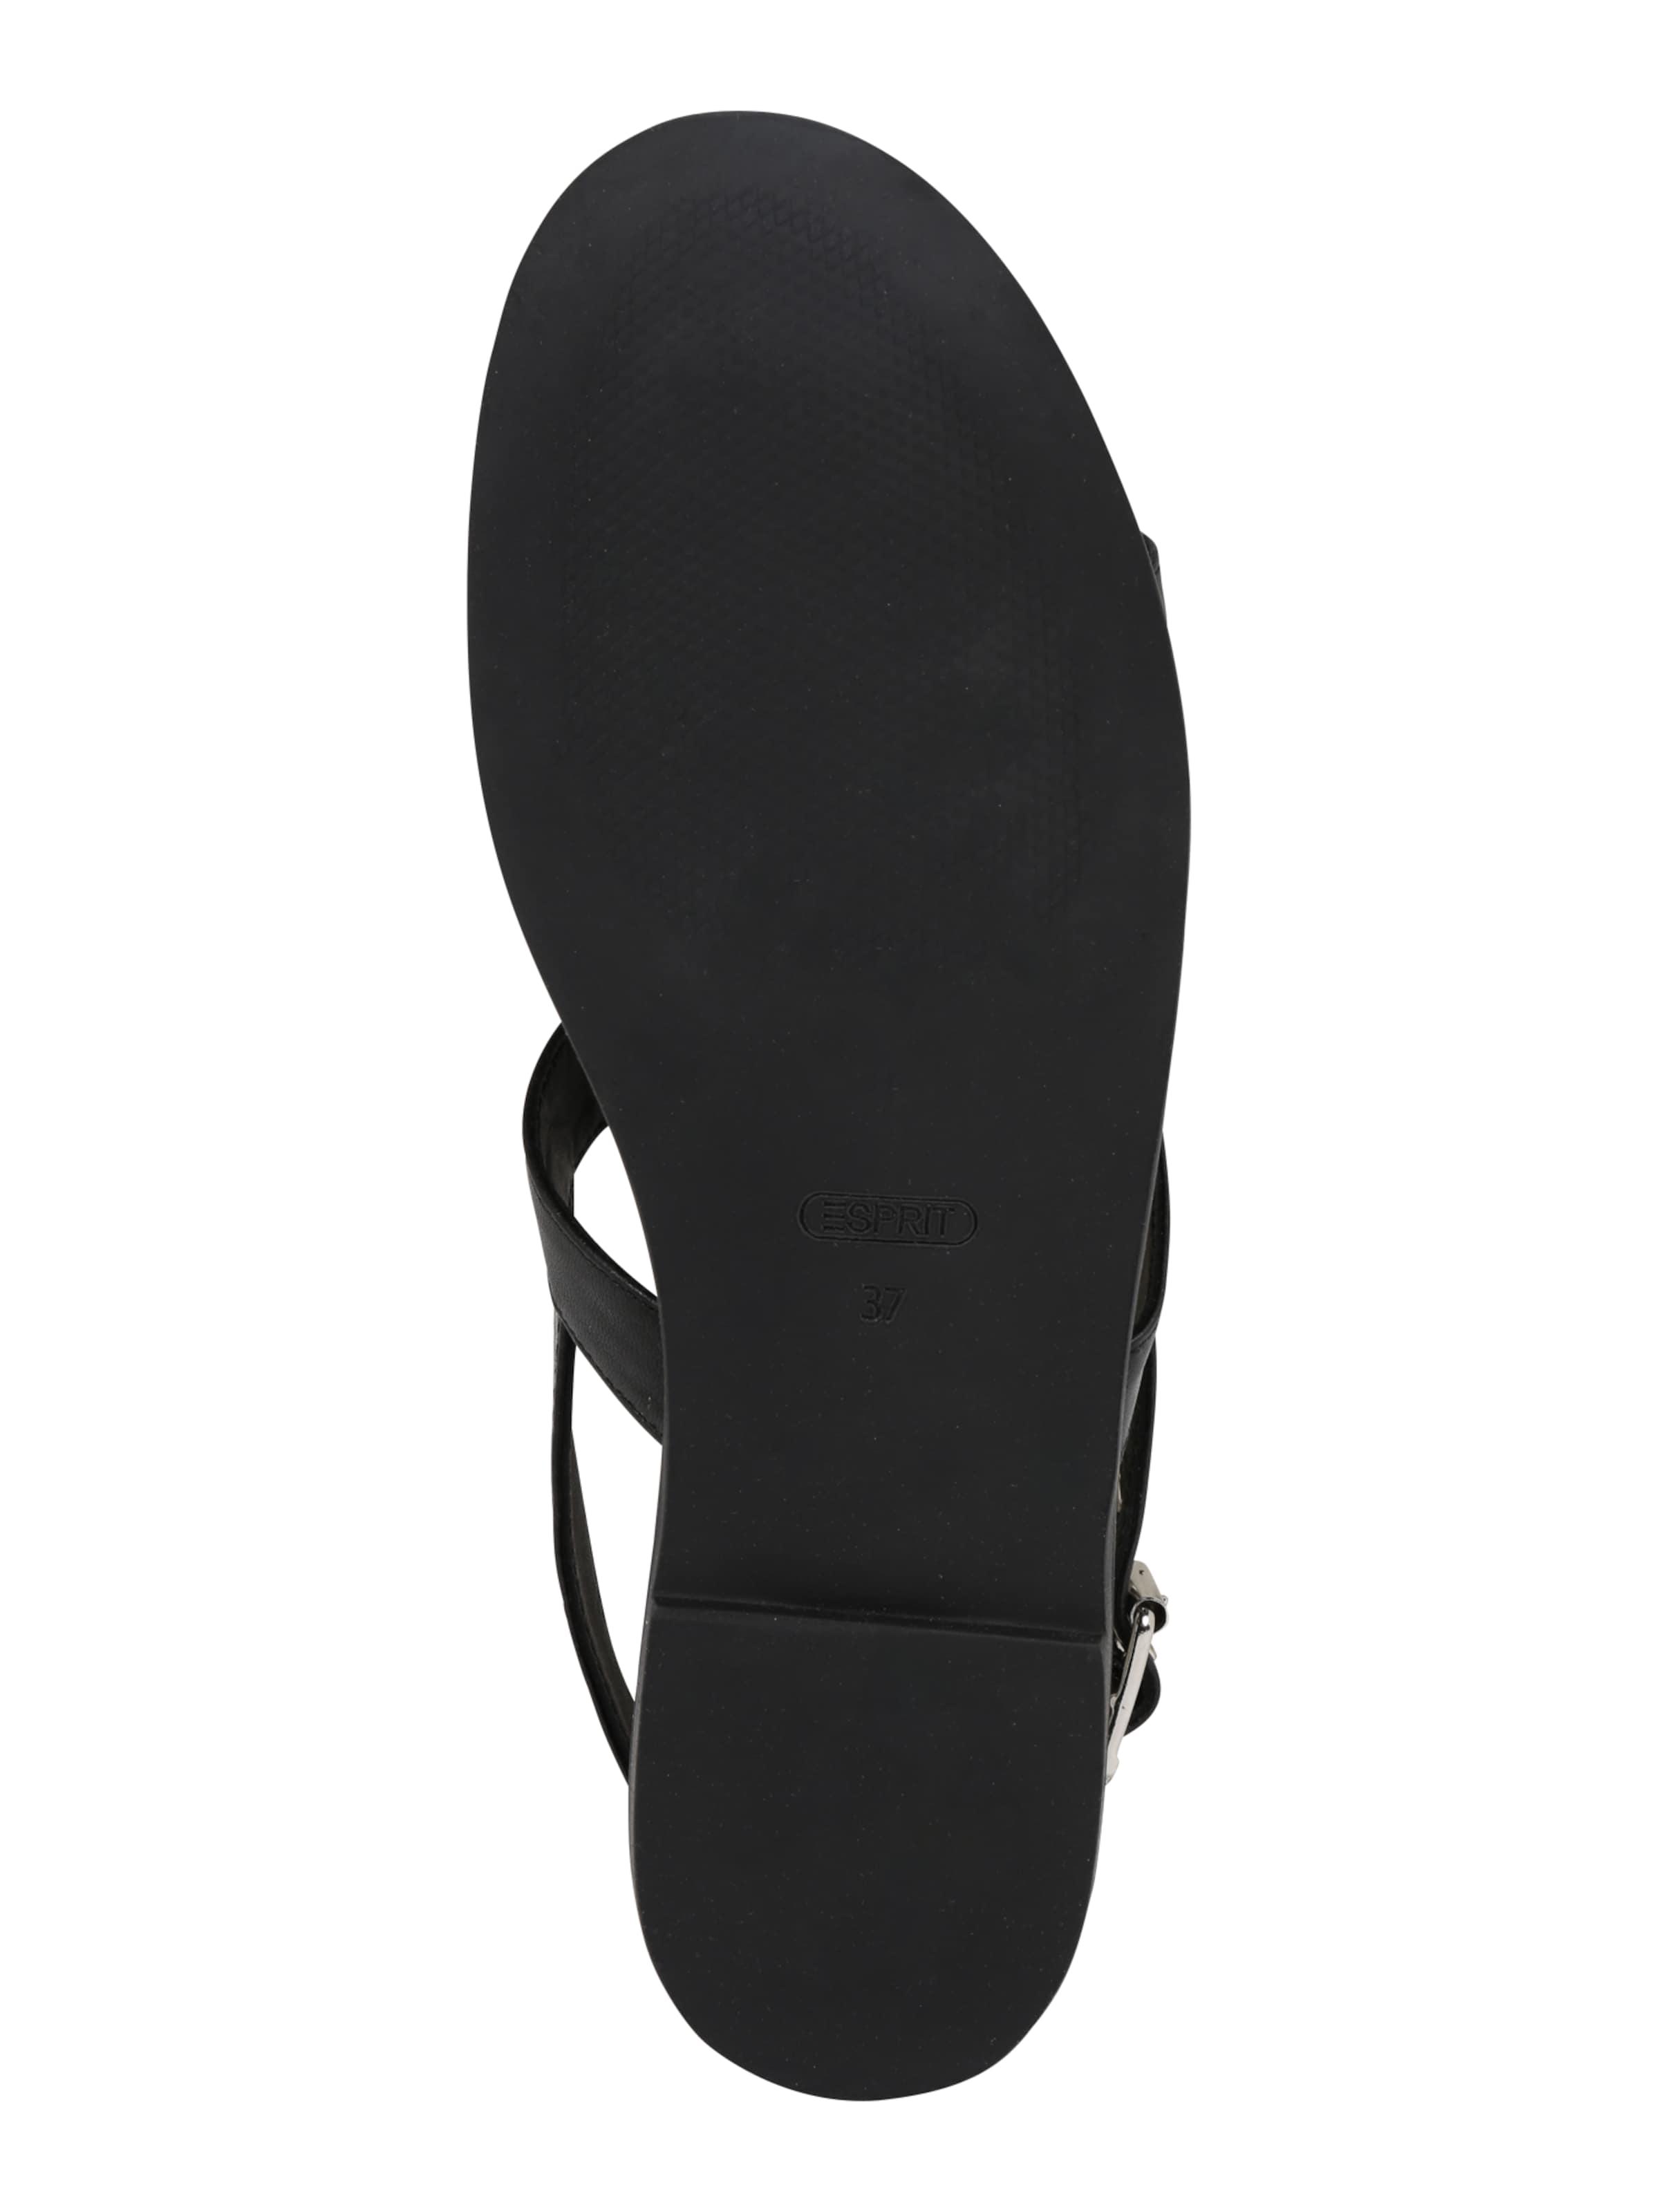 'arisa' Schwarz In 'arisa' Esprit Esprit Sandale Schwarz Esprit In Sandale In Sandale 'arisa' yb7Yfv6g